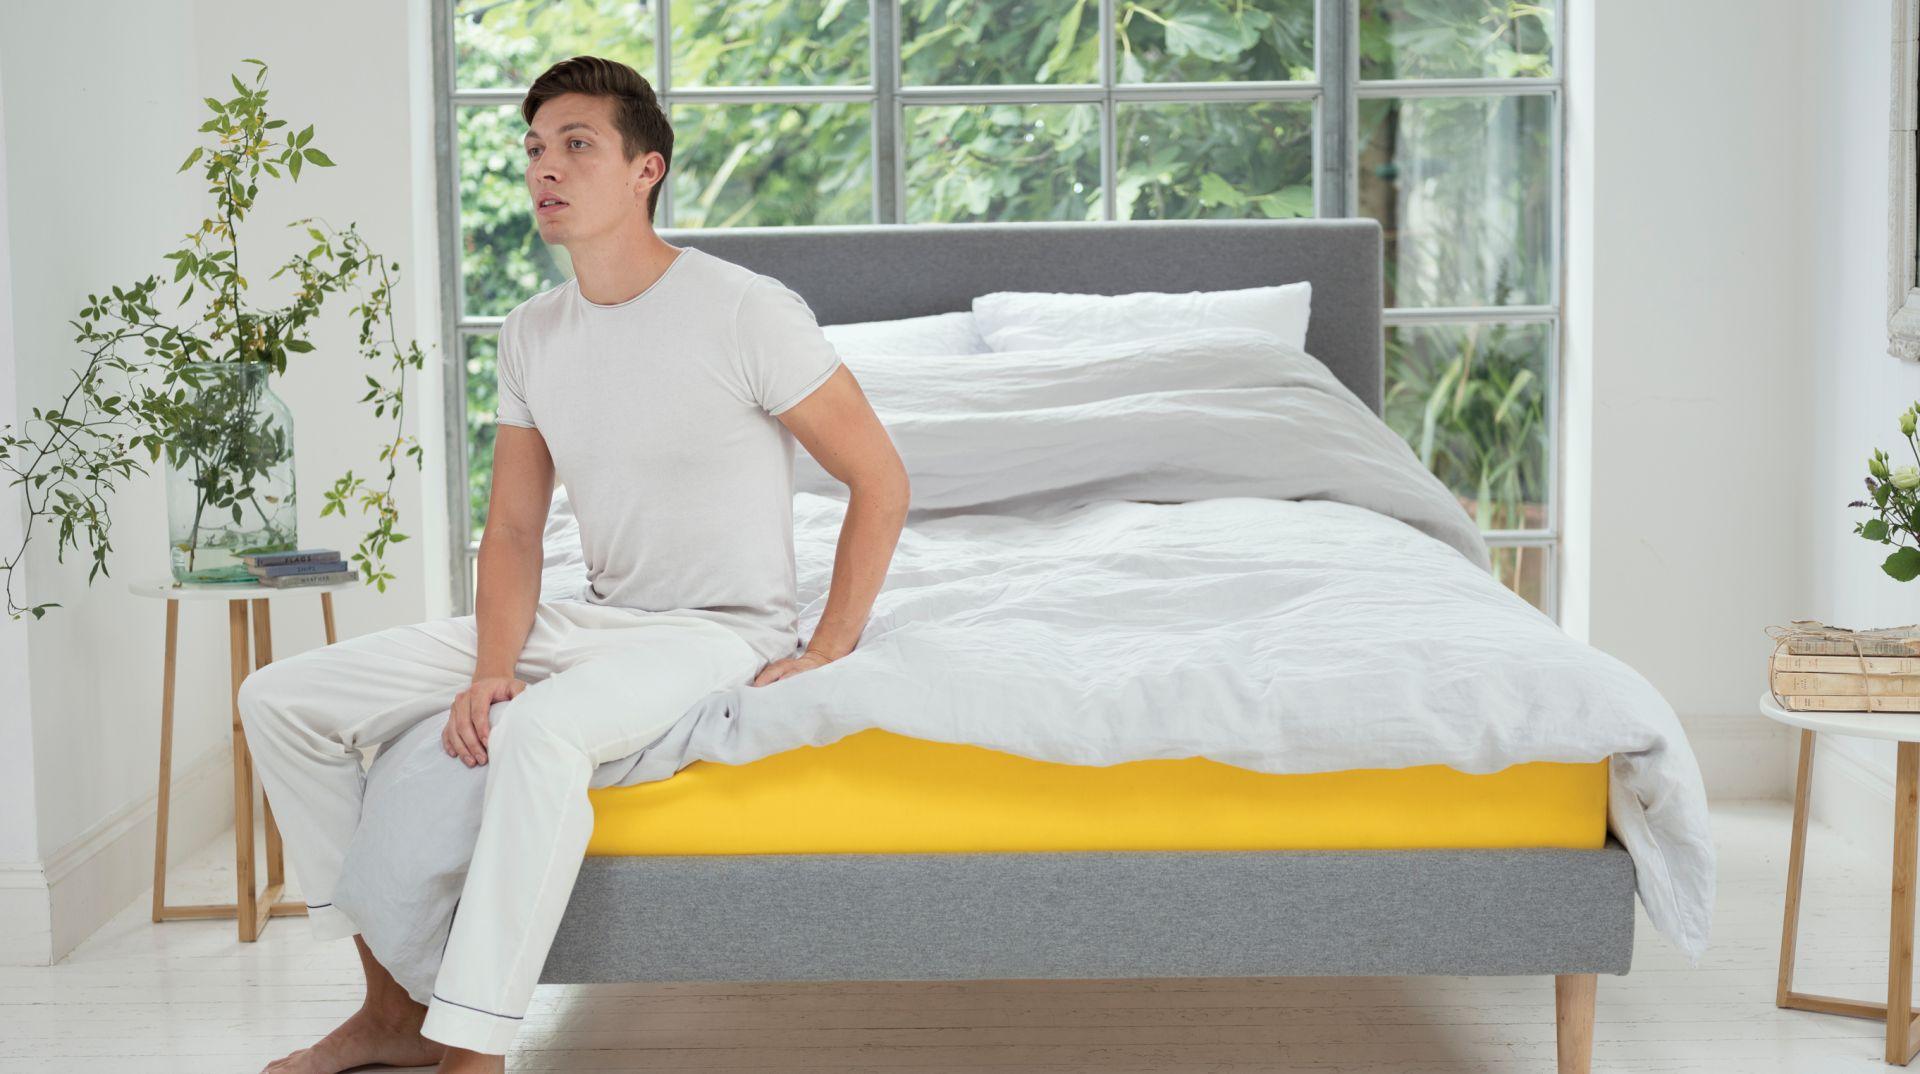 Łóżko eve dostępne jest w wielu rozmiarach. Fot. eve Sleep